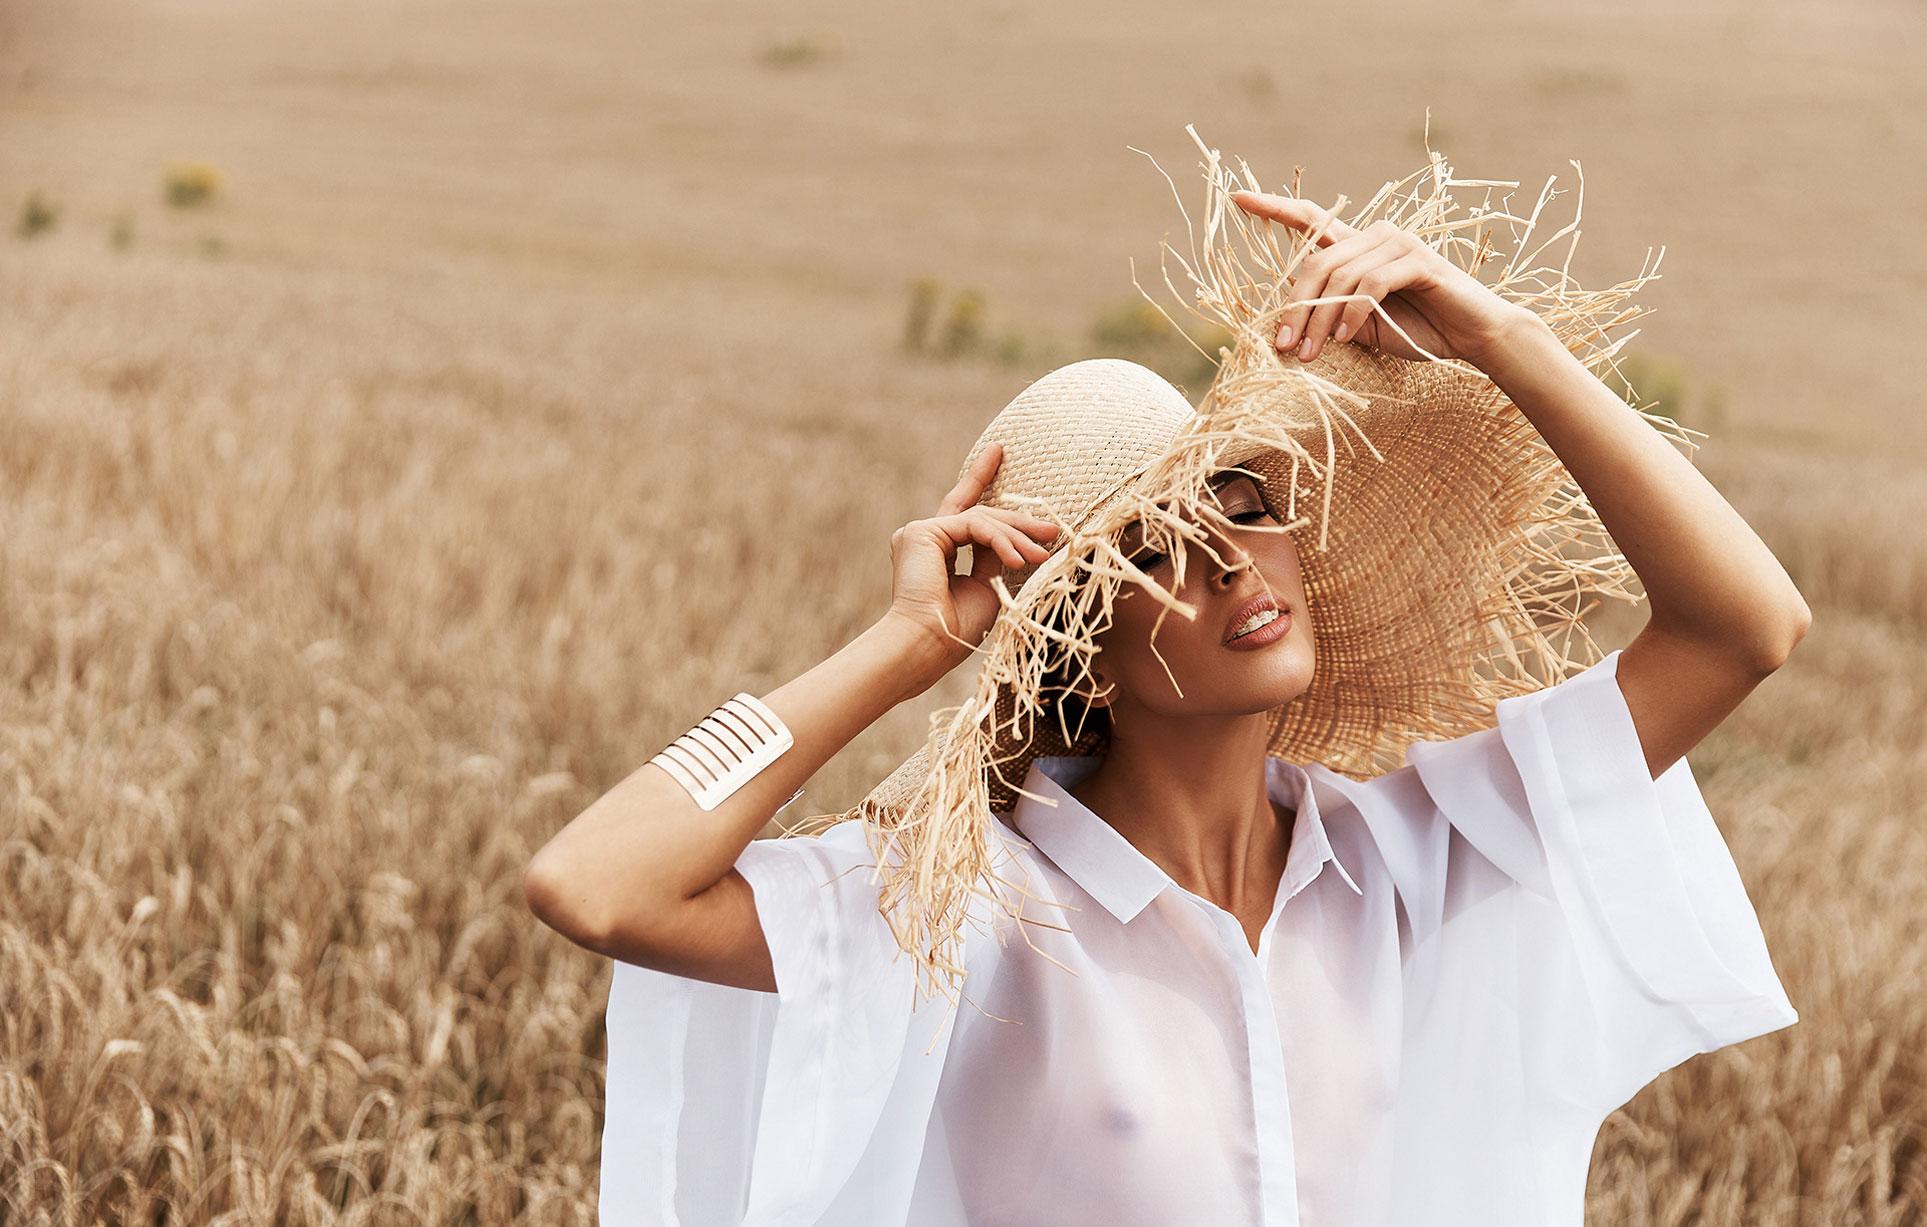 Красивая сексуальная девушка в пшеничном поле / фото 05